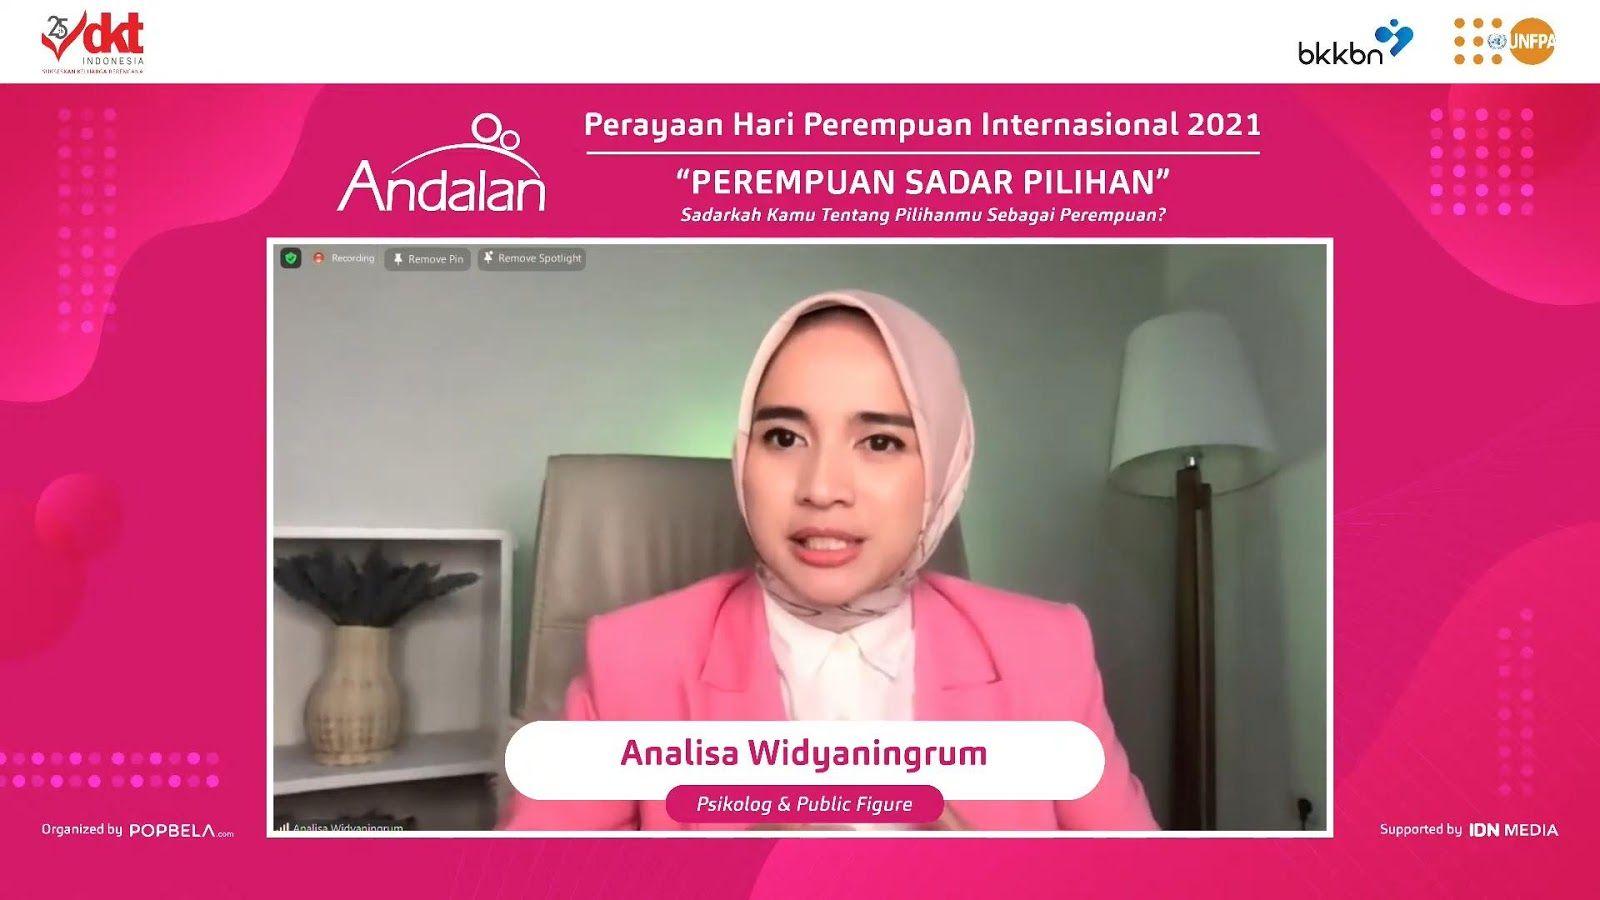 DKT Indonesia Ajak Perempuan Sadar Pilihan Di Hari Perempuan Dunia